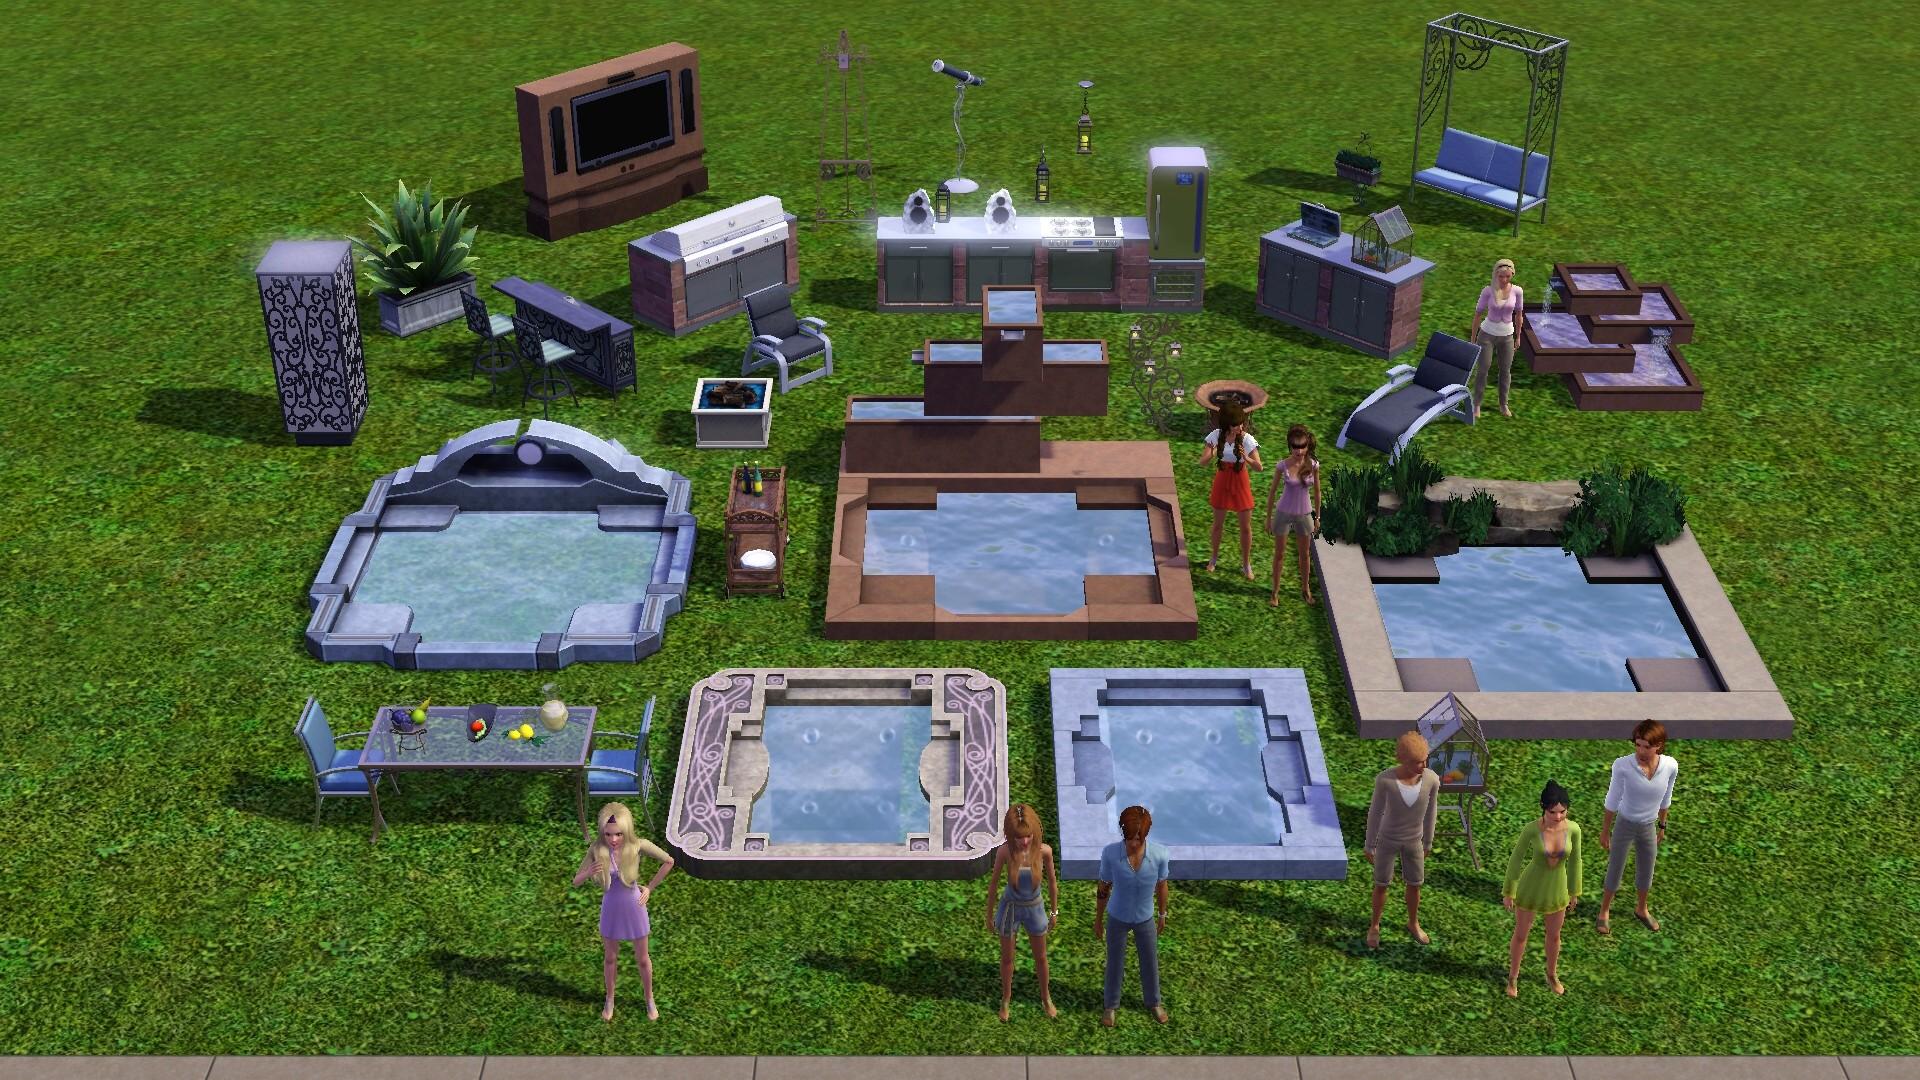 Sims garten accessoires - Design garten ...